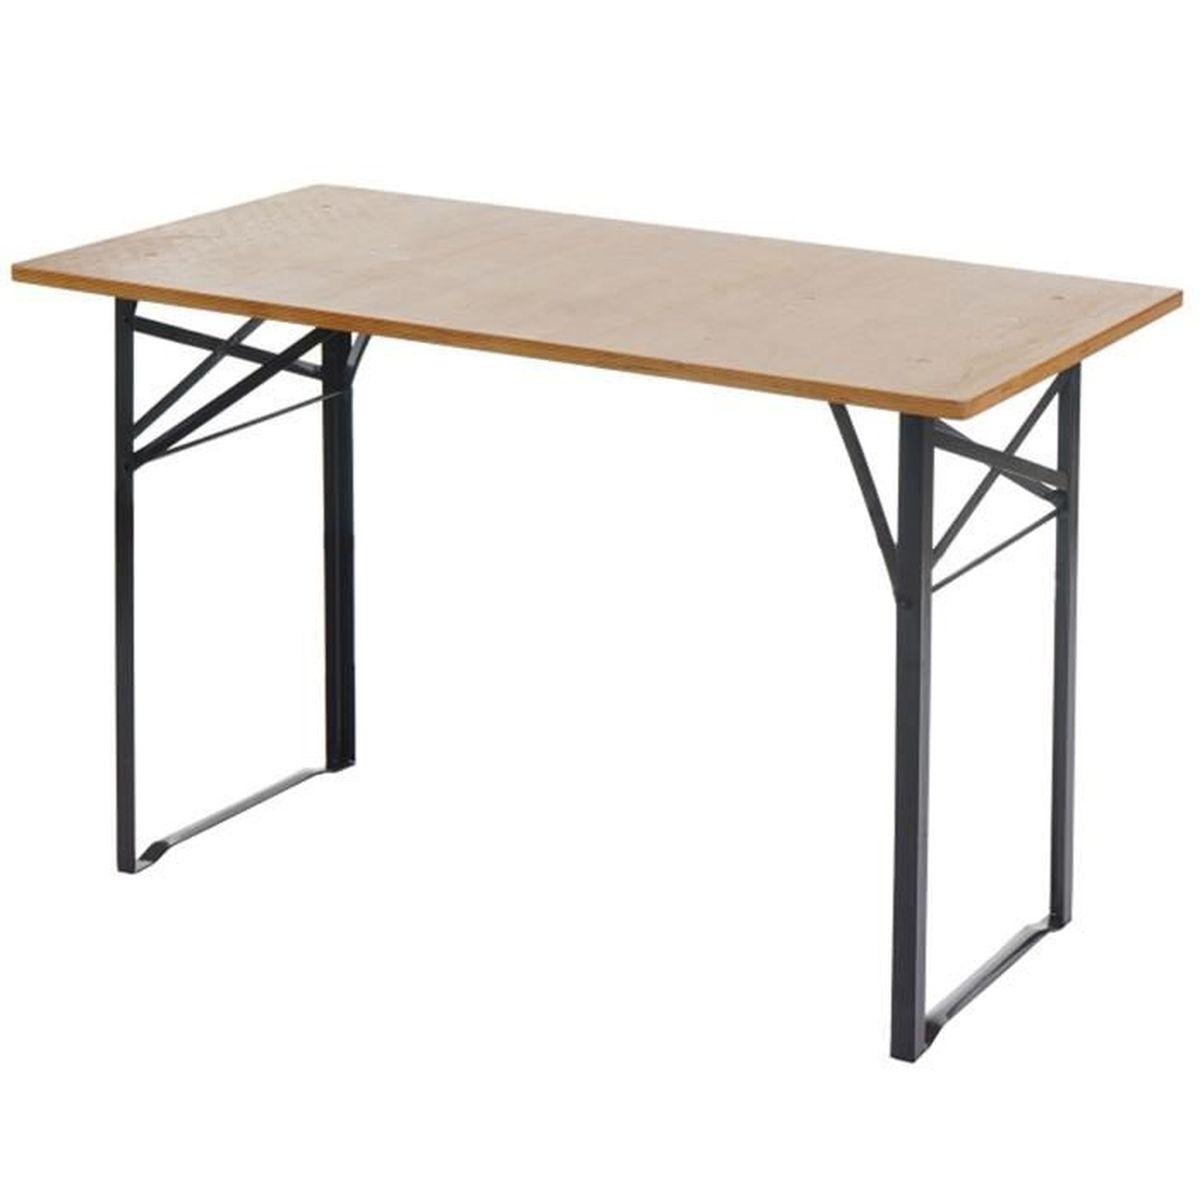 Table de jardin en bois pliable - Dim : H 76 x L 115 x P 60 cm ...